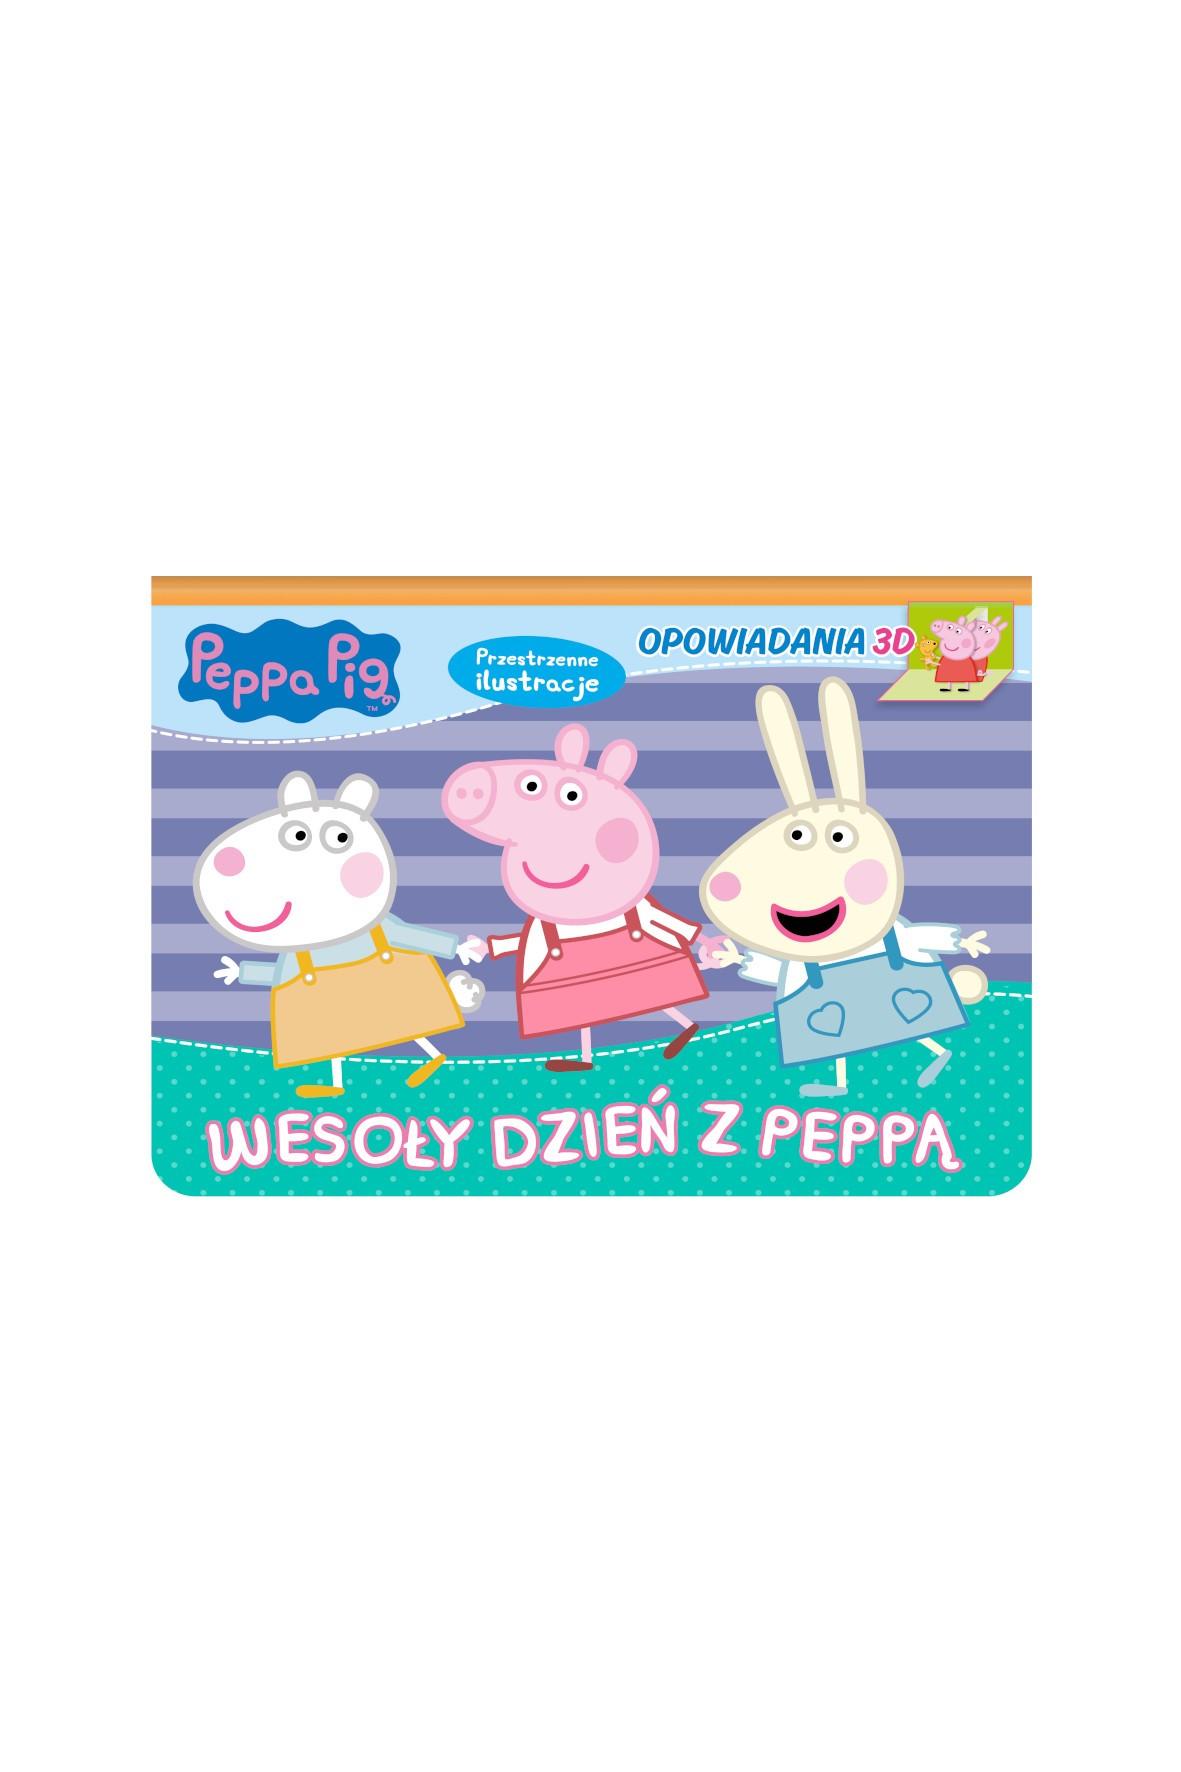 Książki dziecięce - Świnka Peppa . Opowiadania 3D  Wesoły dzień z Peppą